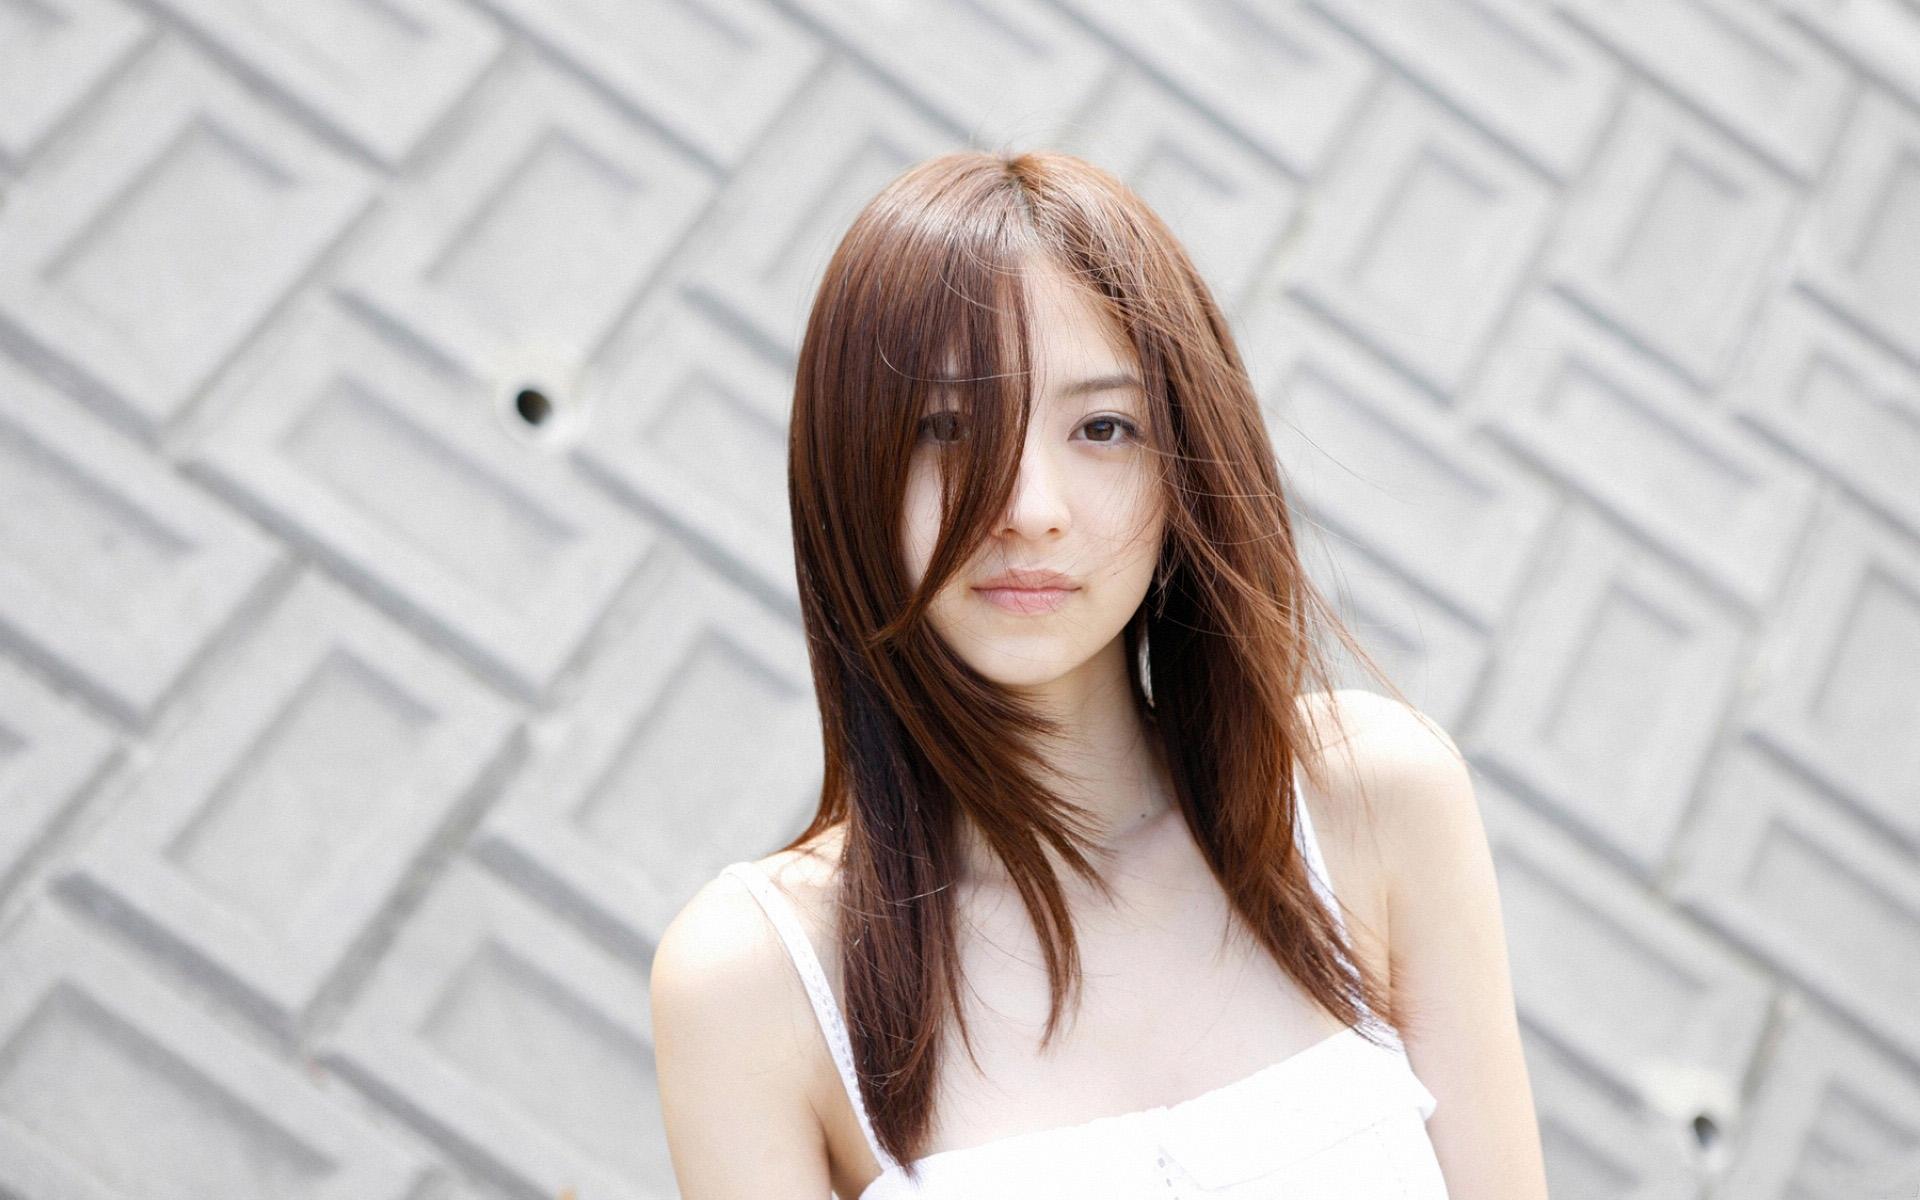 杨晓光专长纹眉特价 最好的眉毛就会让人忽略